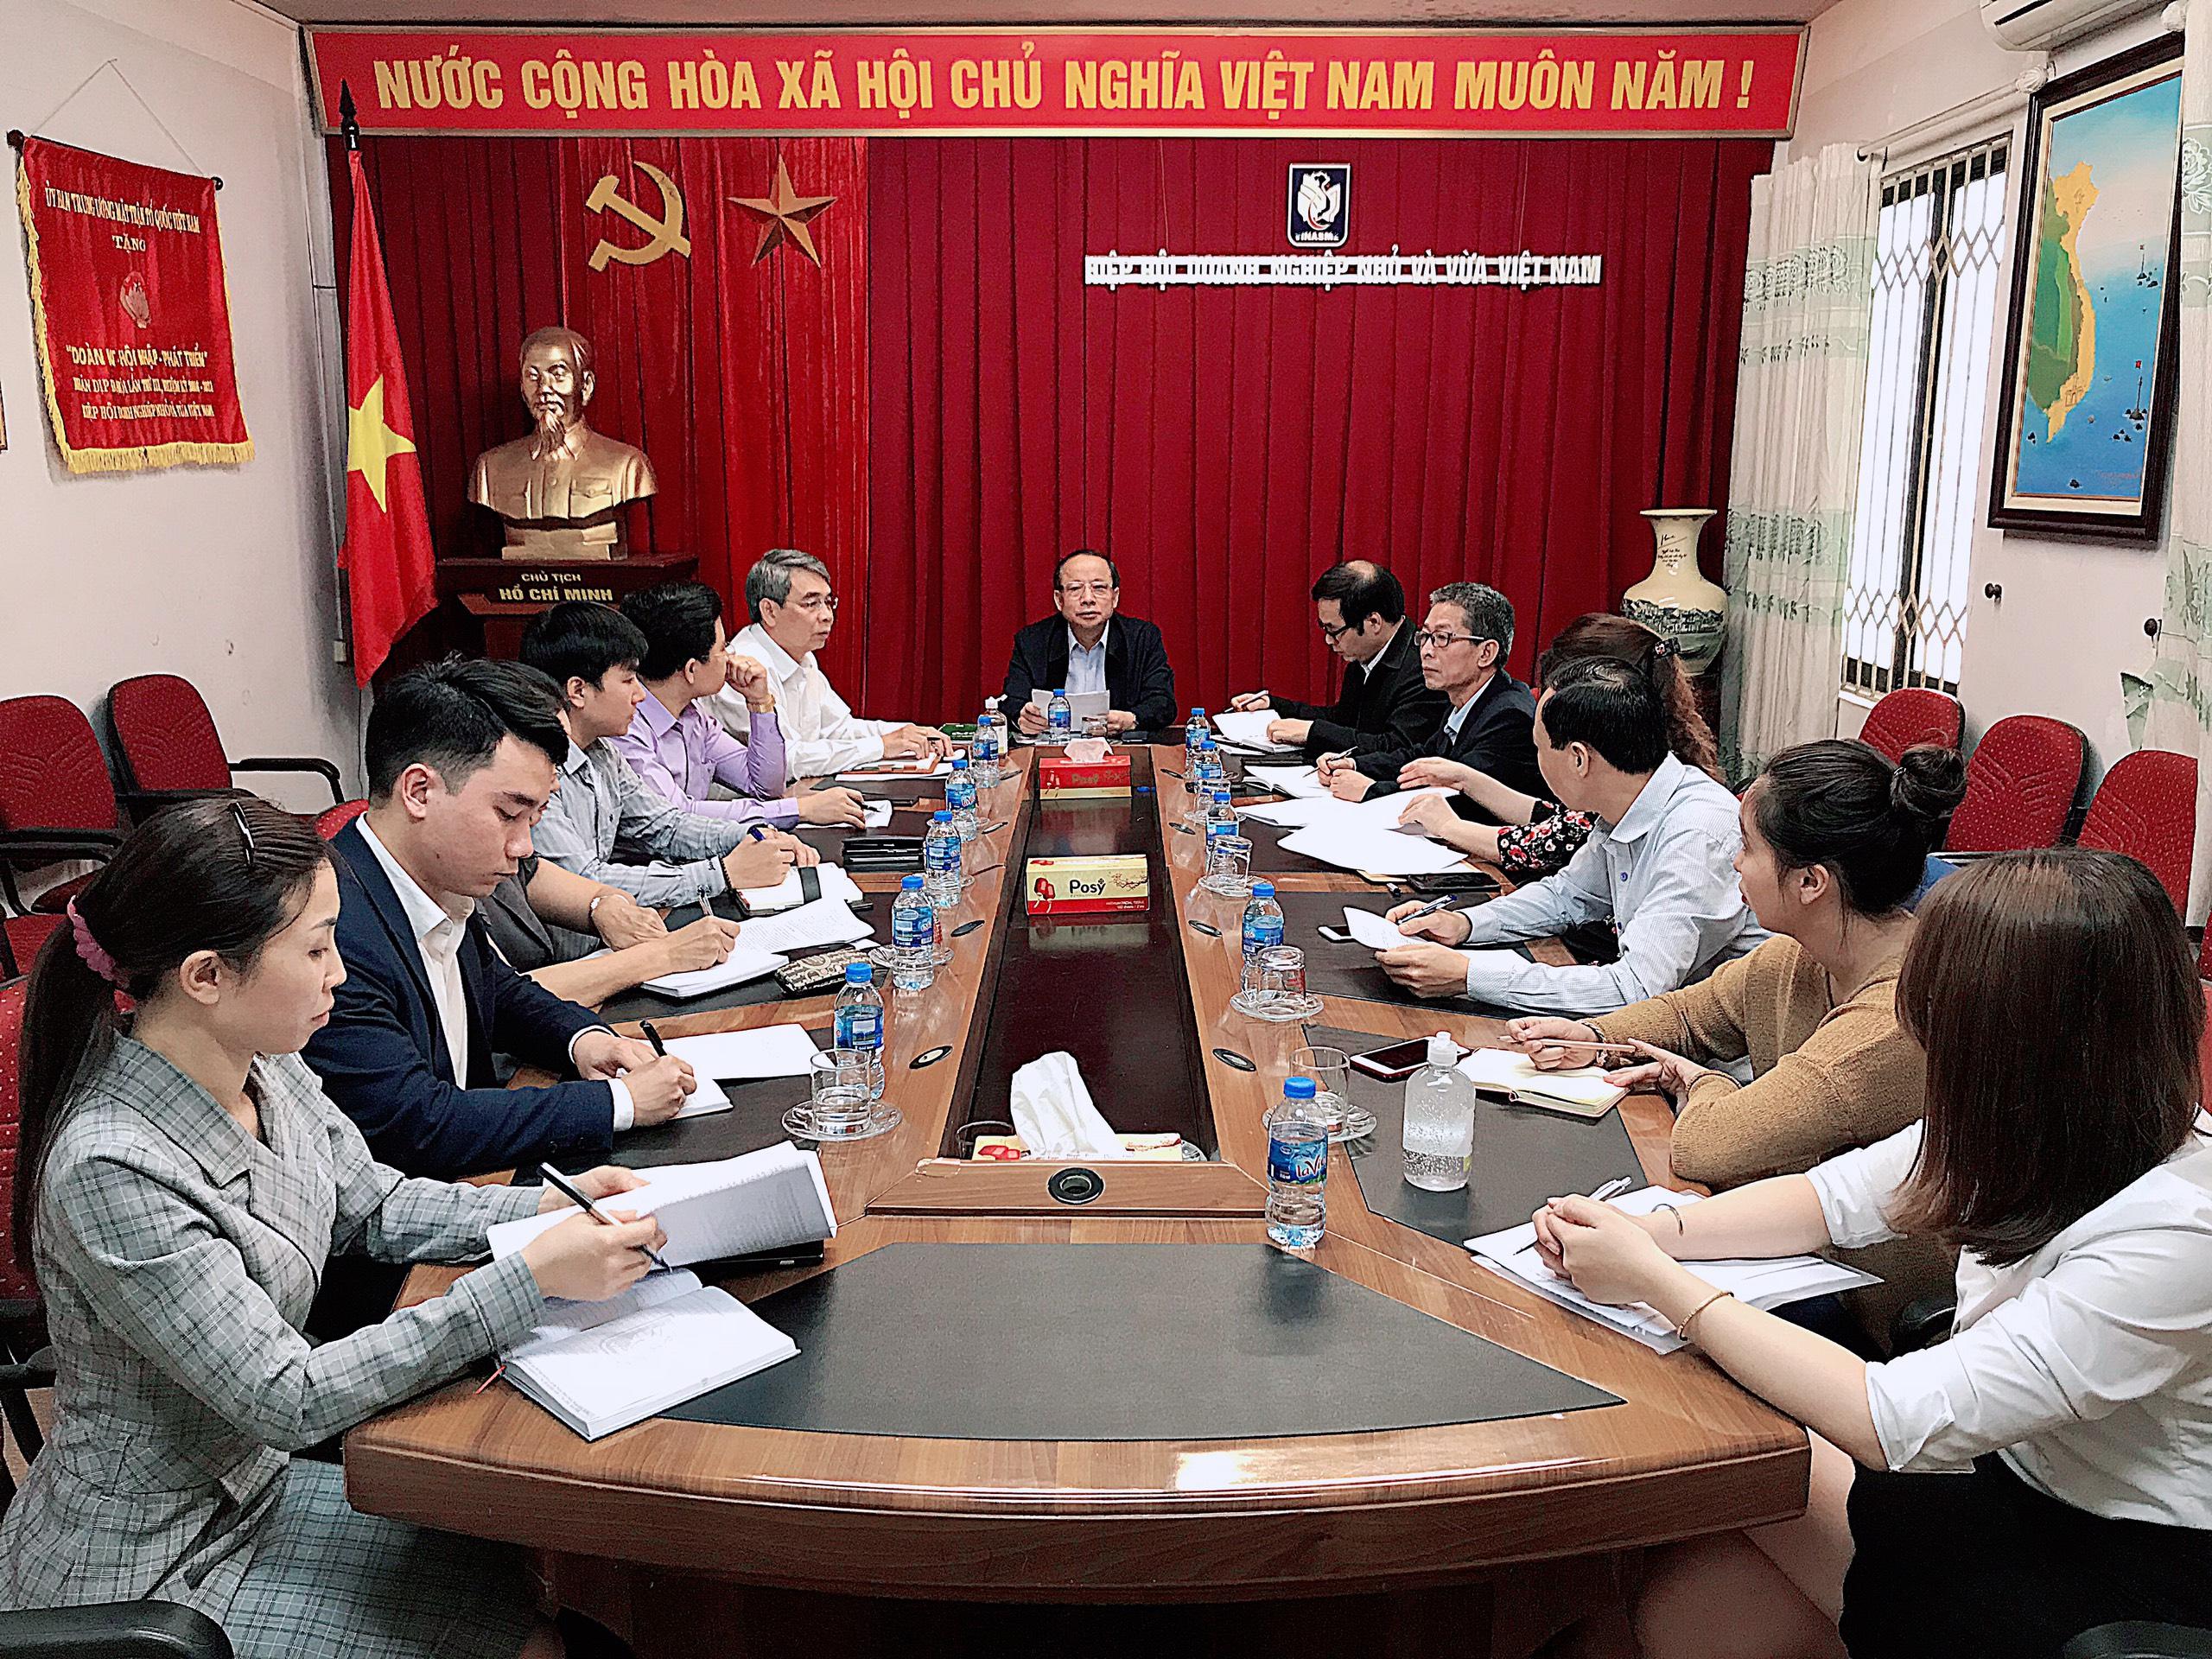 Vinasme thực hiện Chỉ thị của Thủ tướng Chính phủ tháo gỡ khó khăn cho doanh nghiệp trước Covid-19